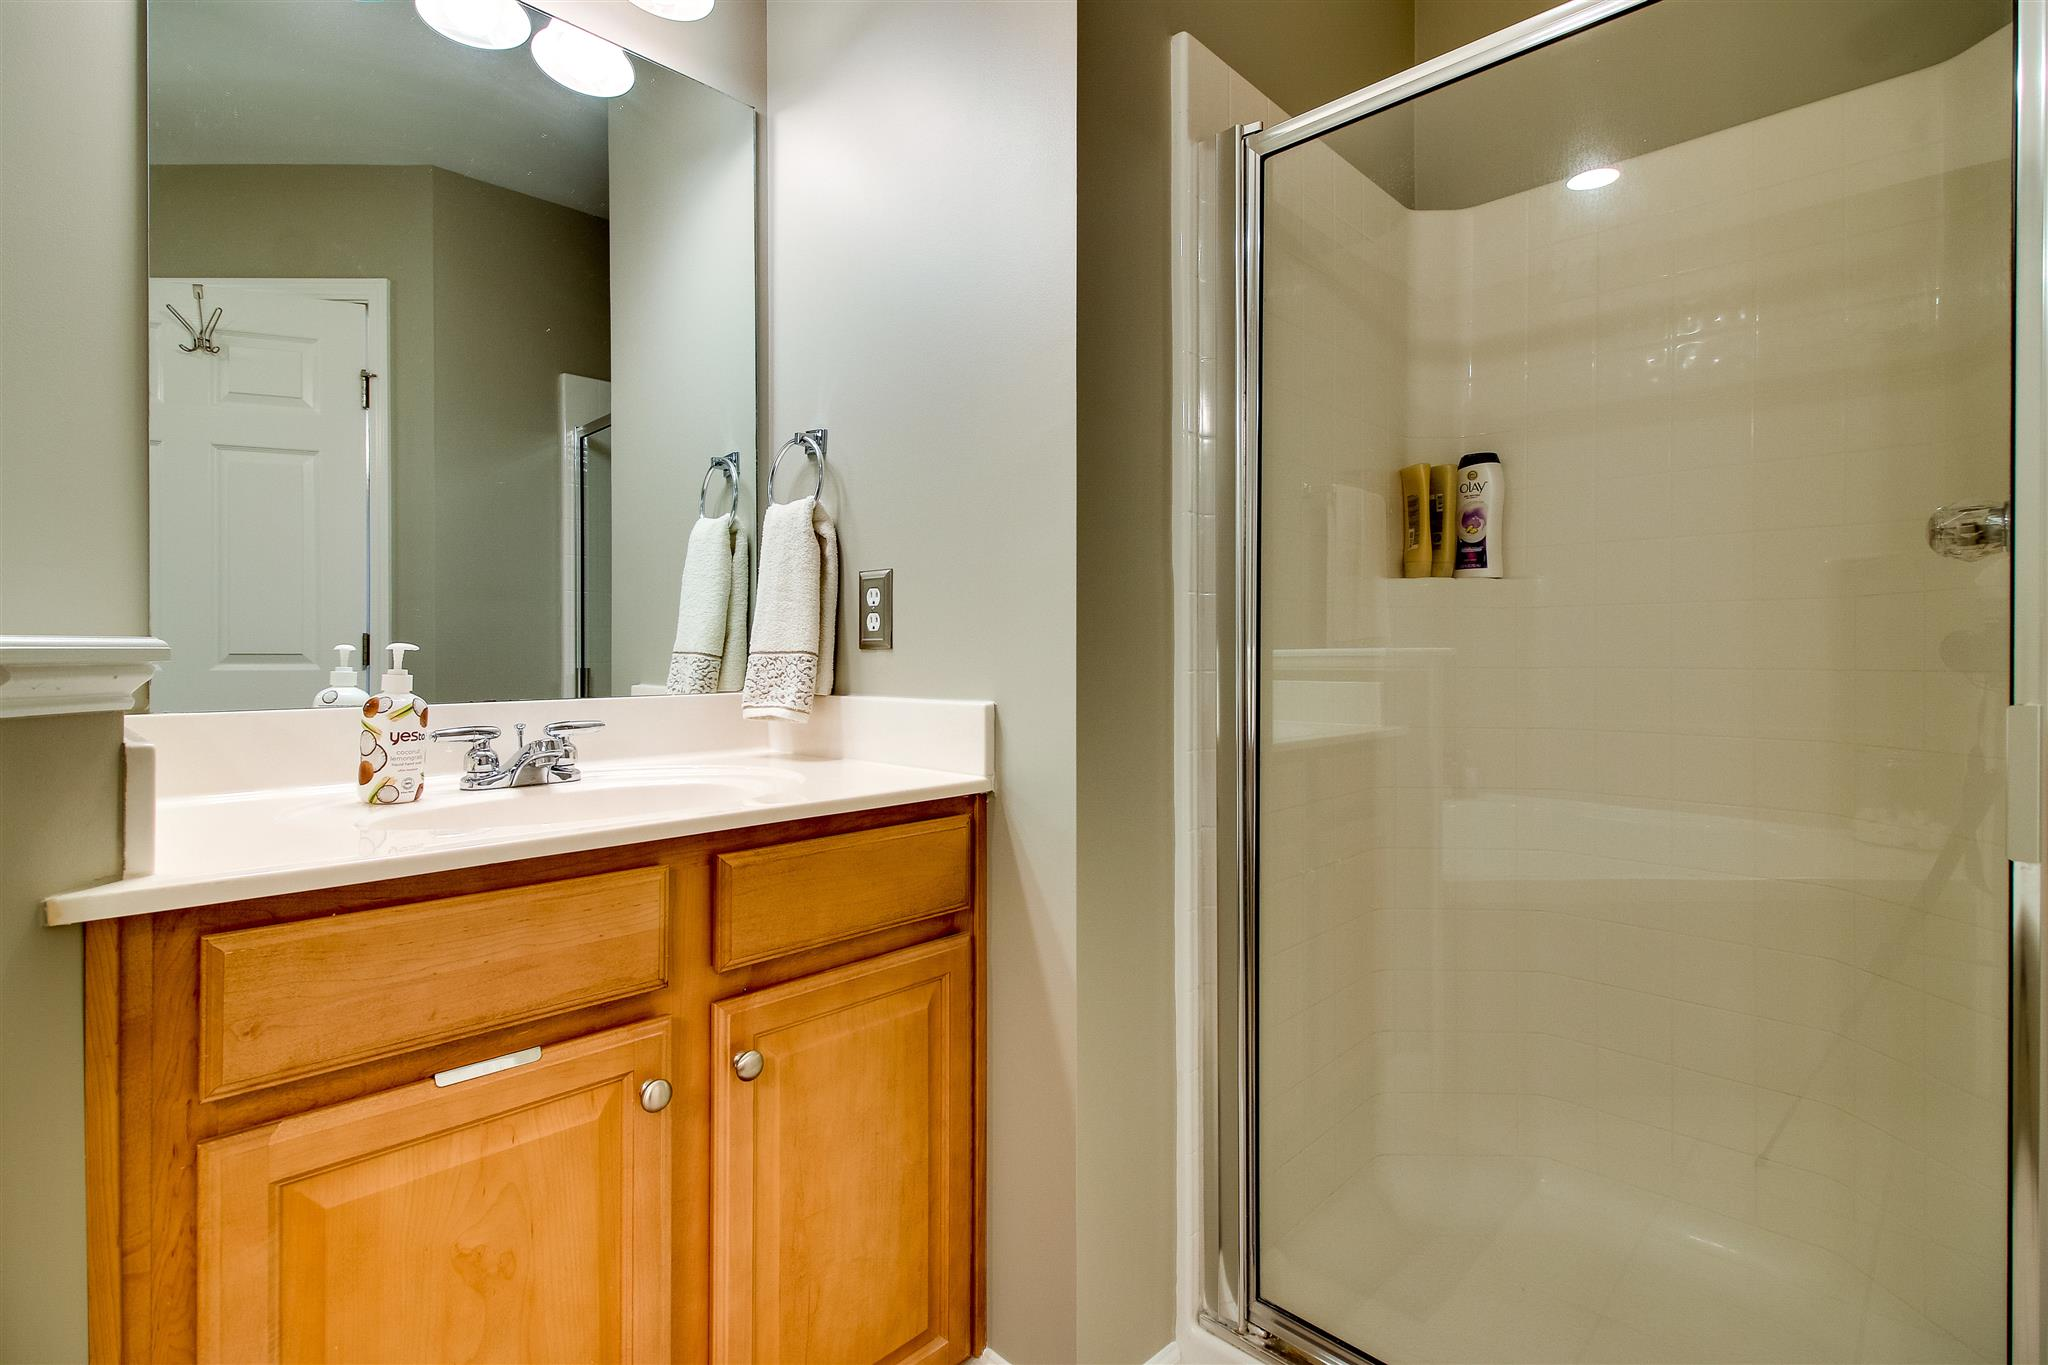 Bathroom Sinks Nashville Tn 7814 heaton way, nashville, tn 37211 mls# 1800720 - movoto